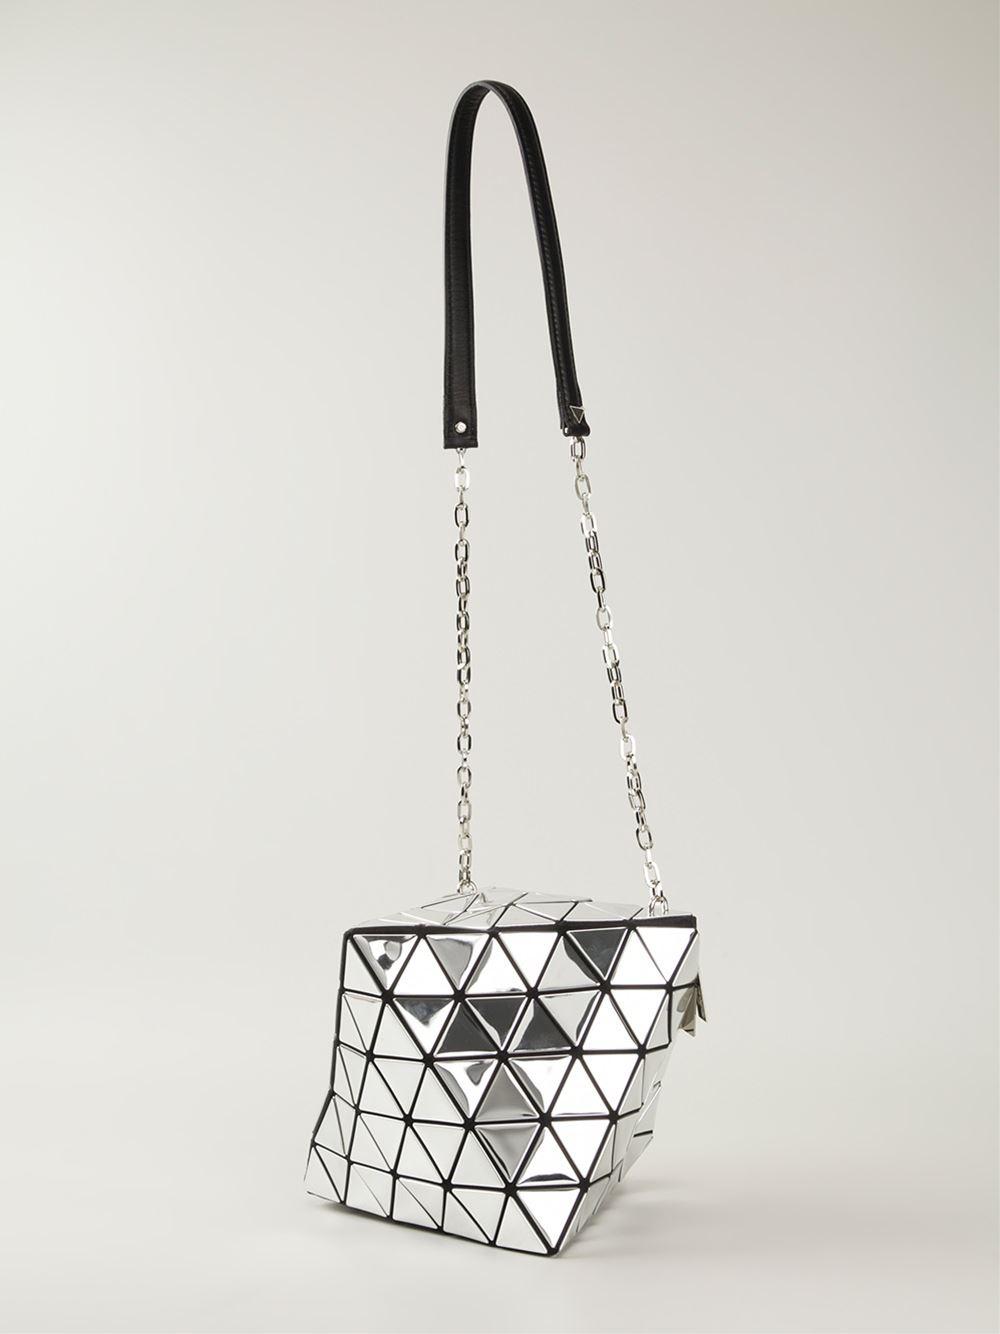 Lyst - Bao Bao Issey Miyake Metallic Pyramid-Patterned Shoulder Bag ... 56cd9bc2708c4